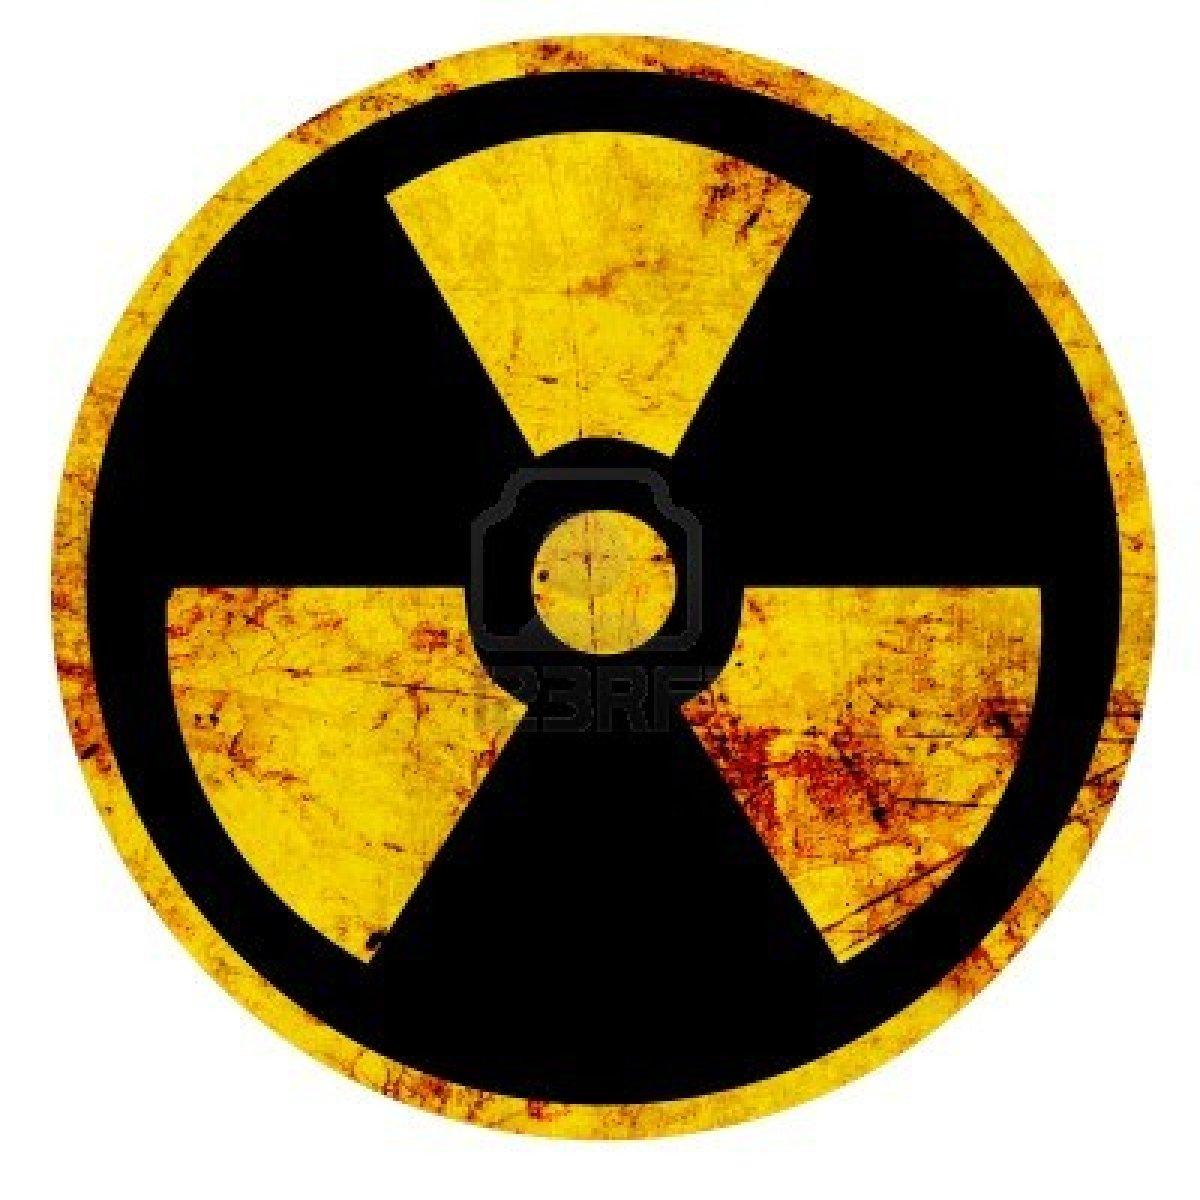 сталкер знаки радиации картинки вариантов является повязка